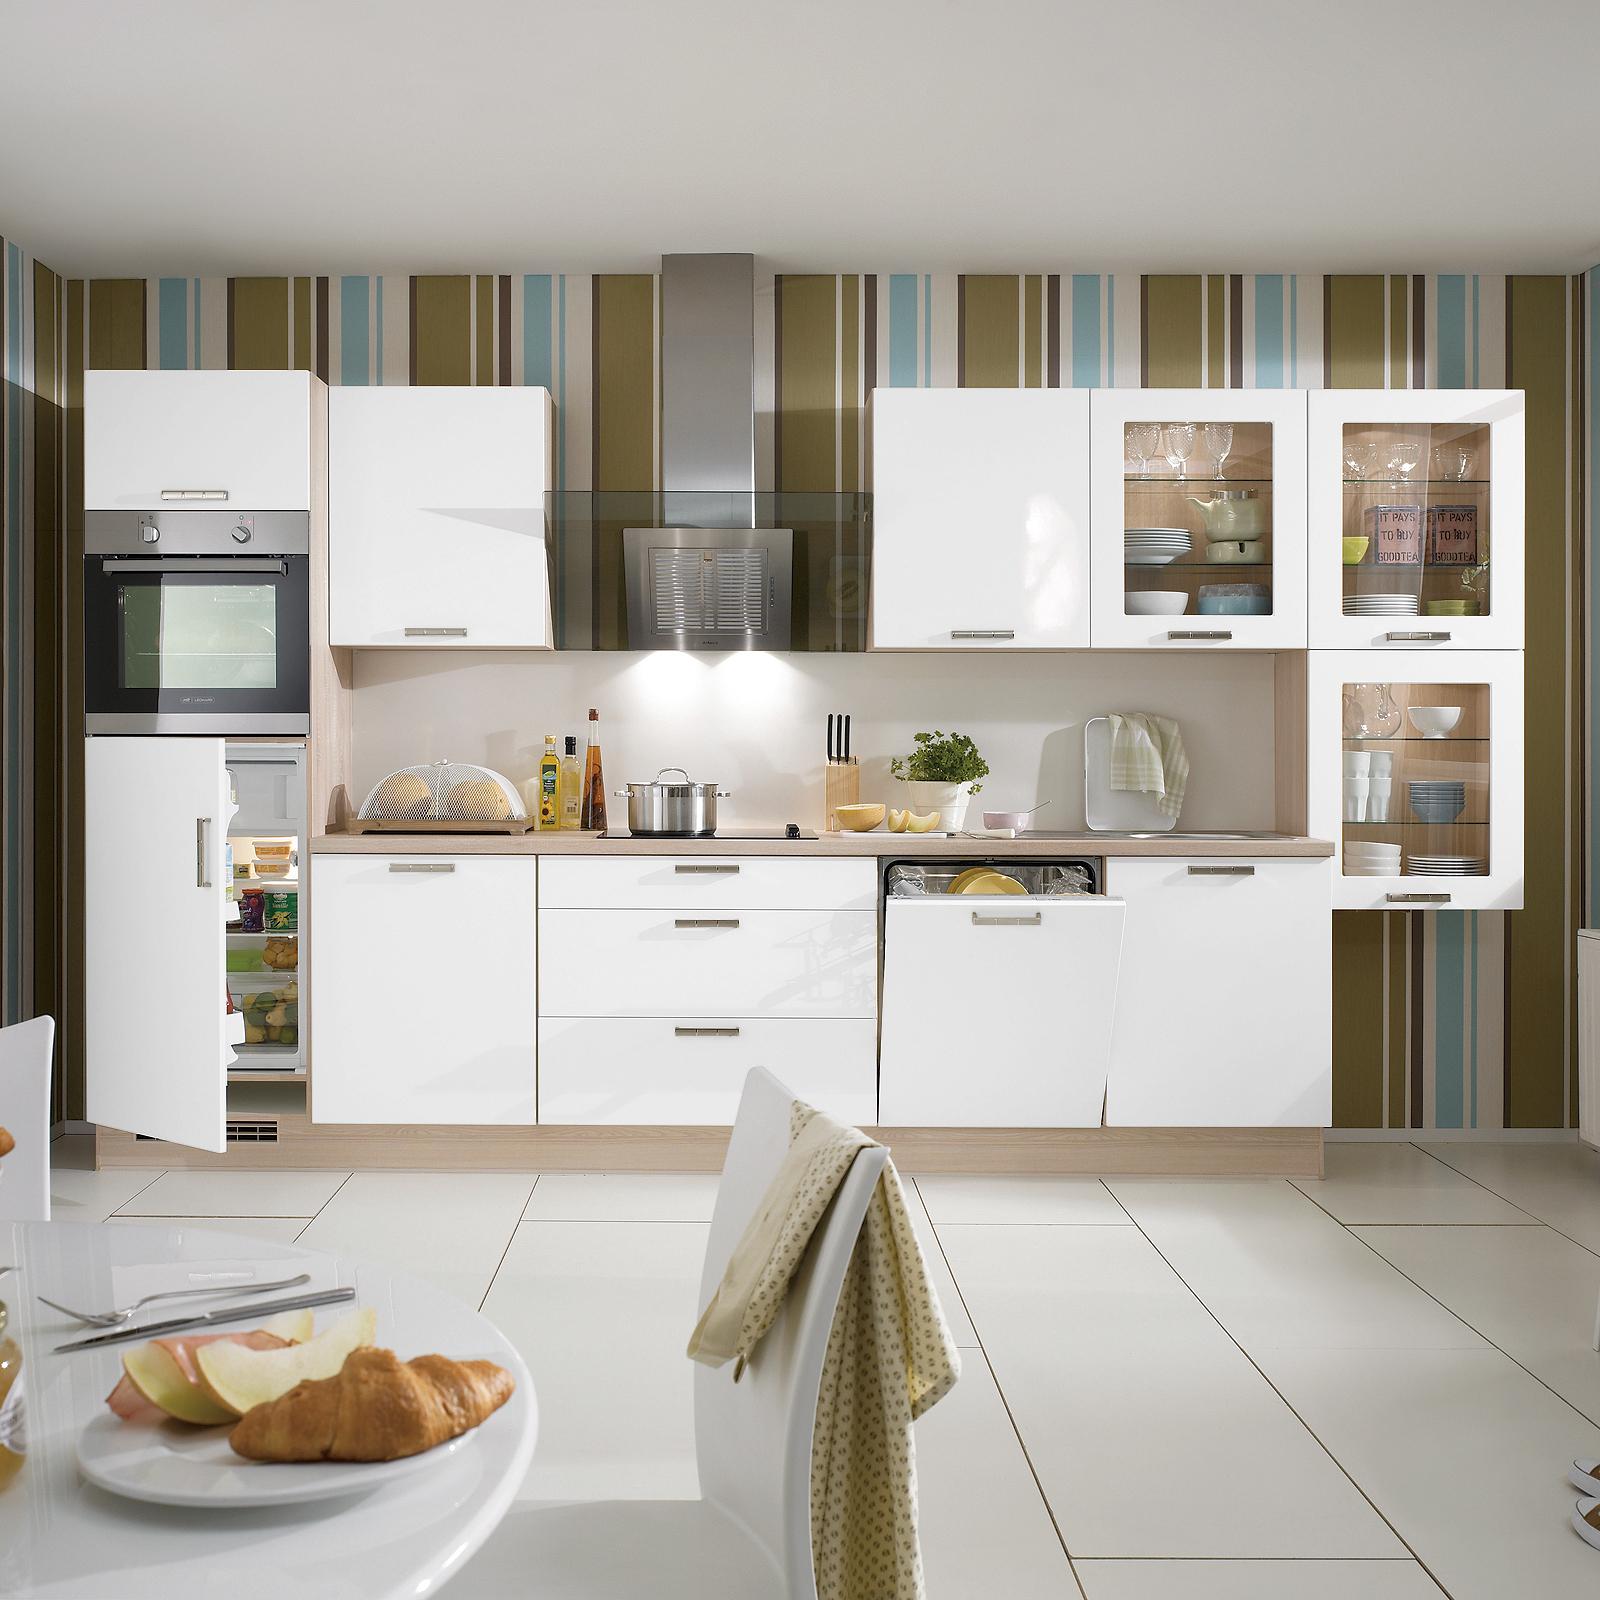 roller kche julia anbauwnde khl auf wohnzimmer ideen zusammen mit with roller kche julia kche. Black Bedroom Furniture Sets. Home Design Ideas